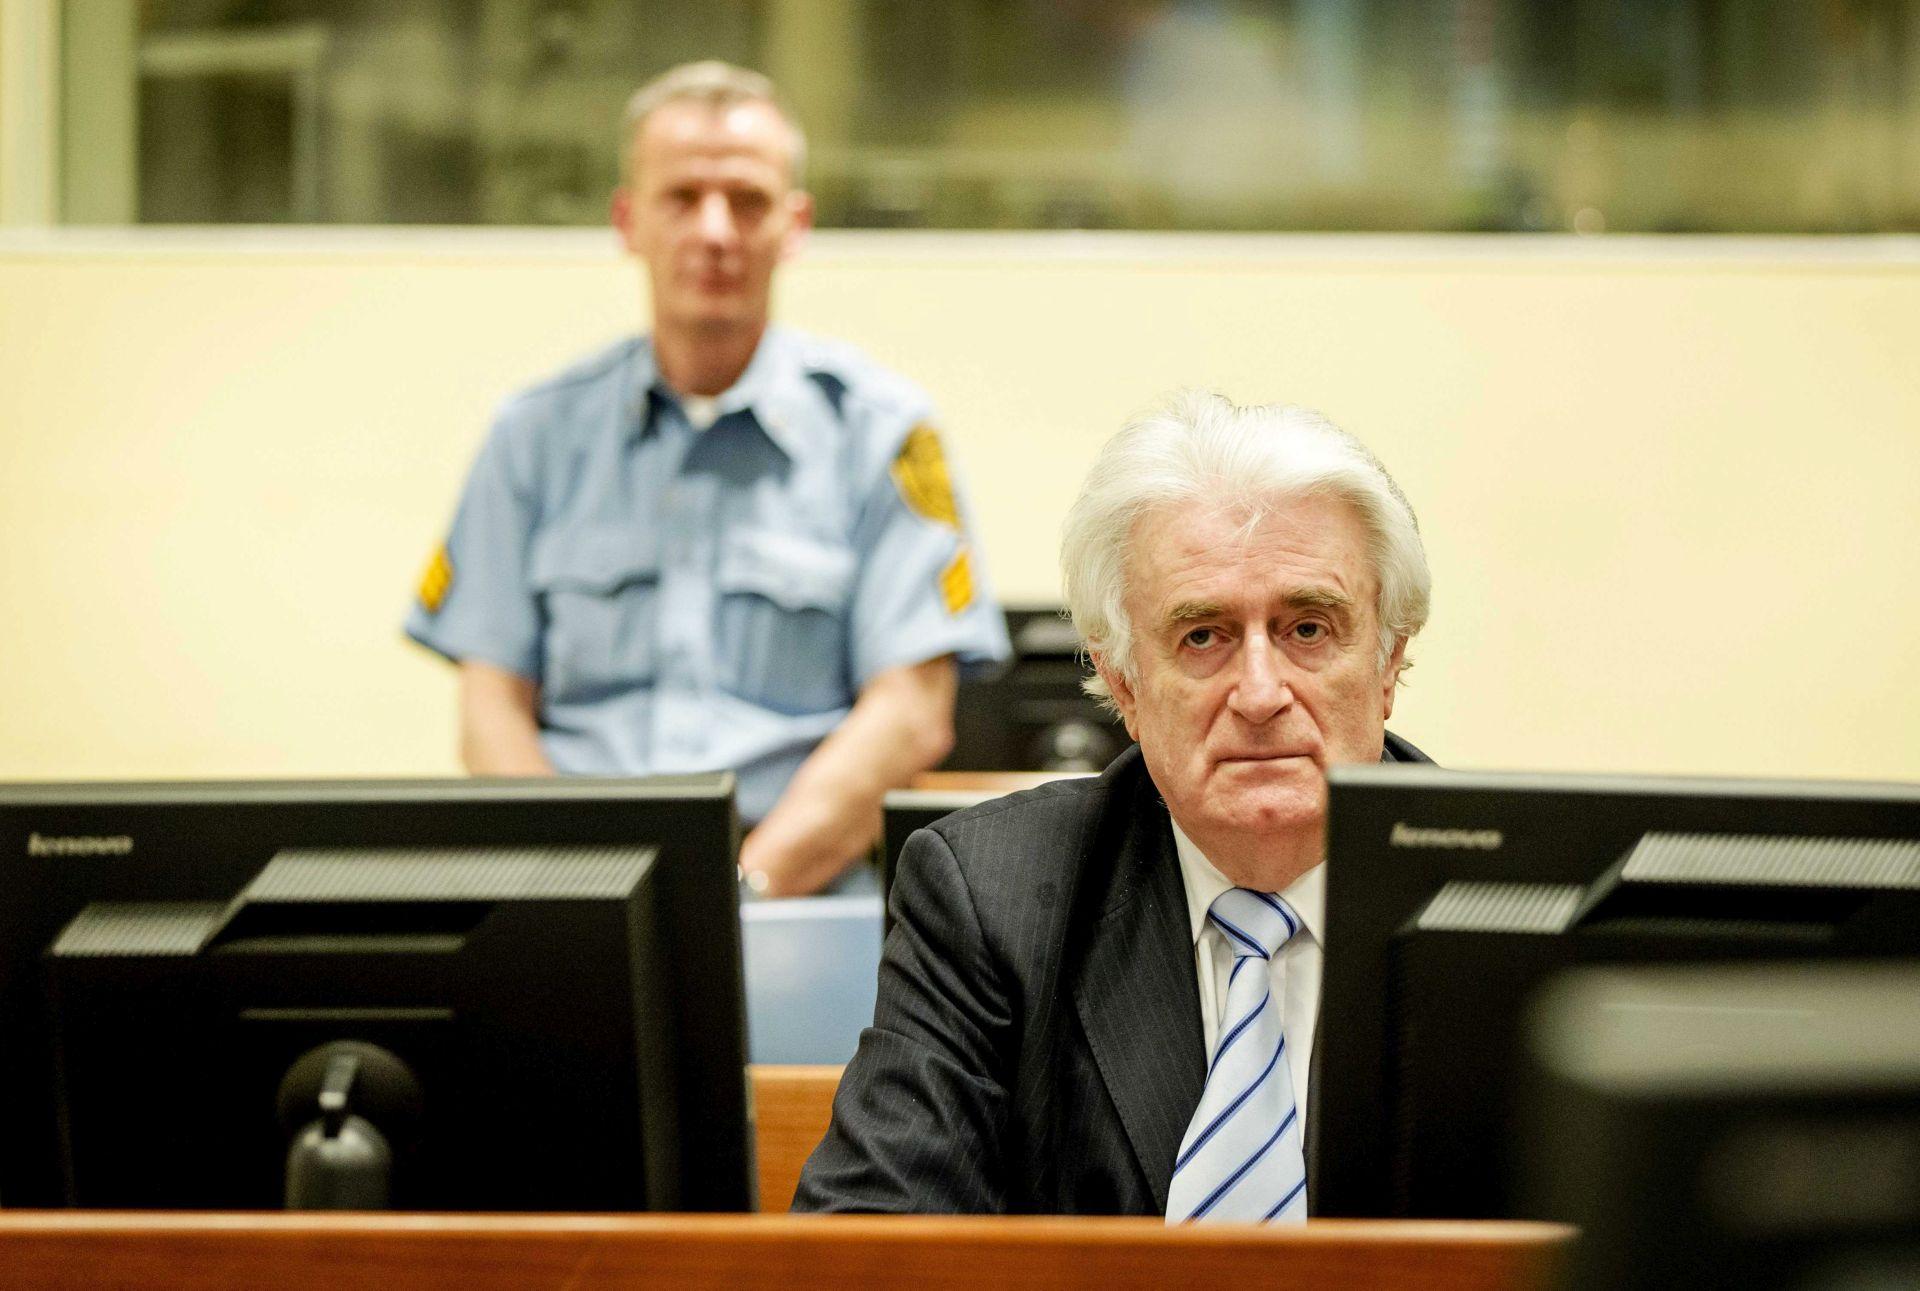 Presuda Karadžiću će biti izrečena vjerojatno u prosincu